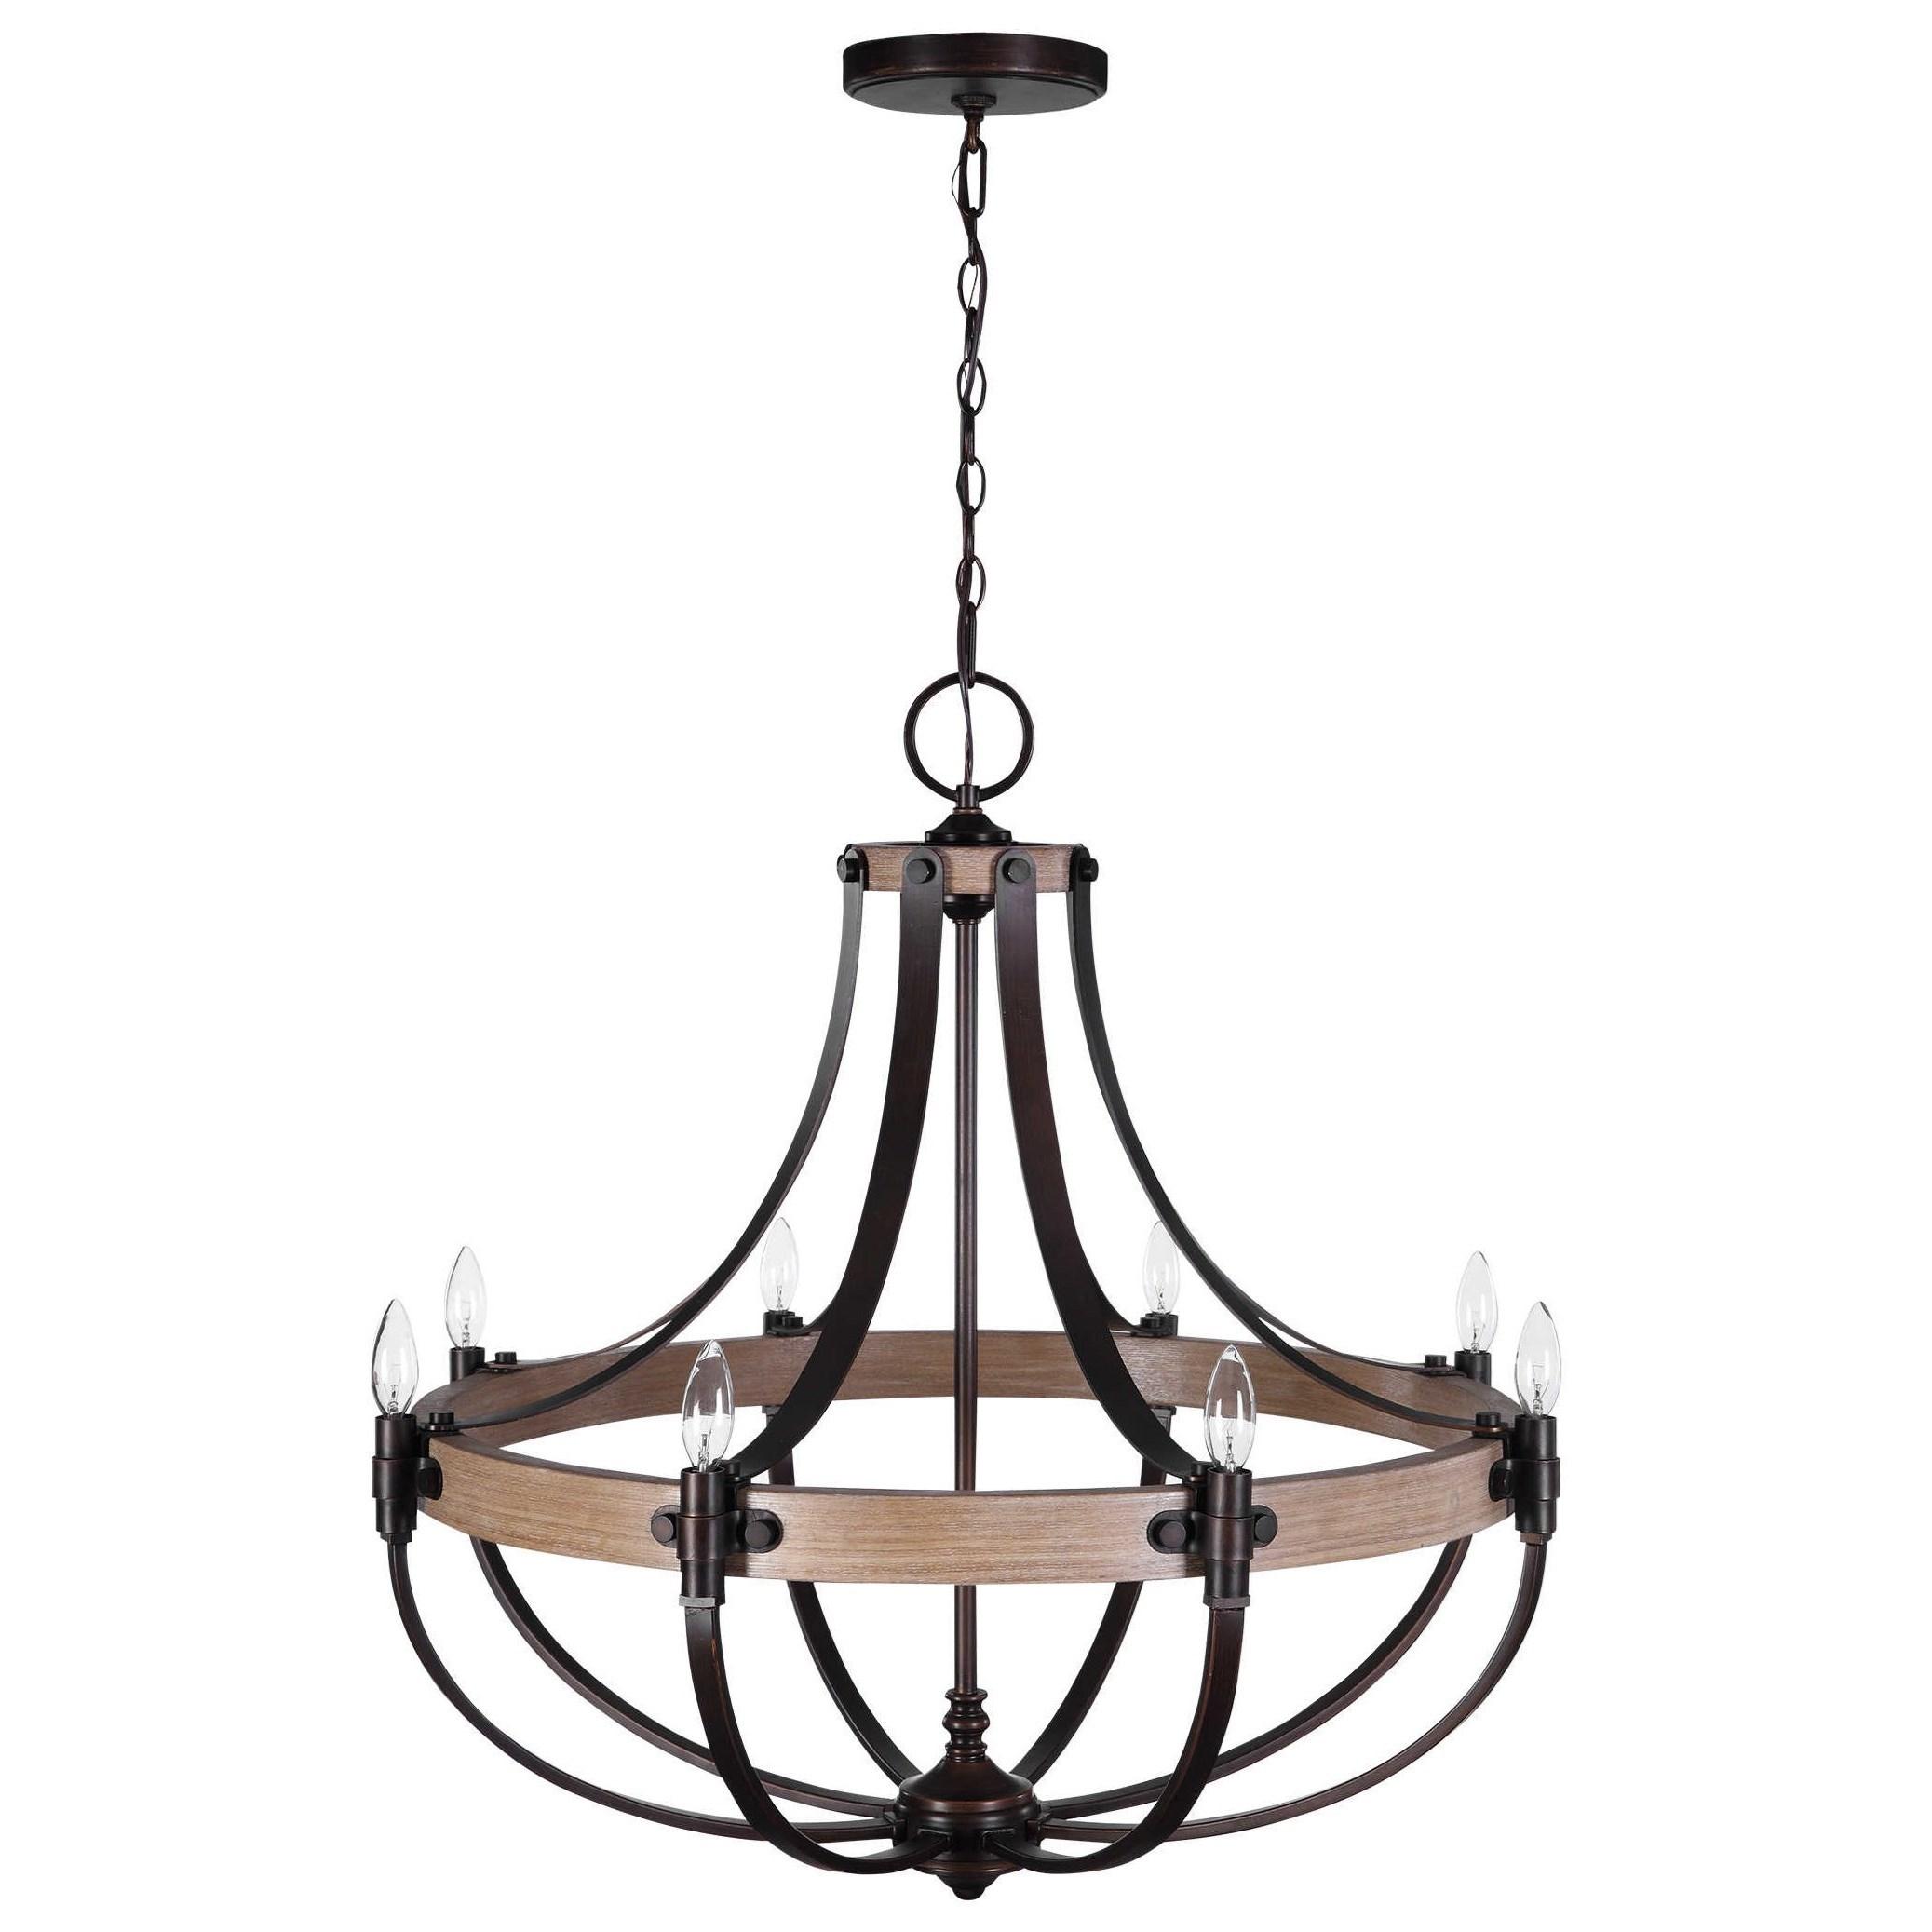 lighting fixtures chandeliers dubois 8 light chandelier